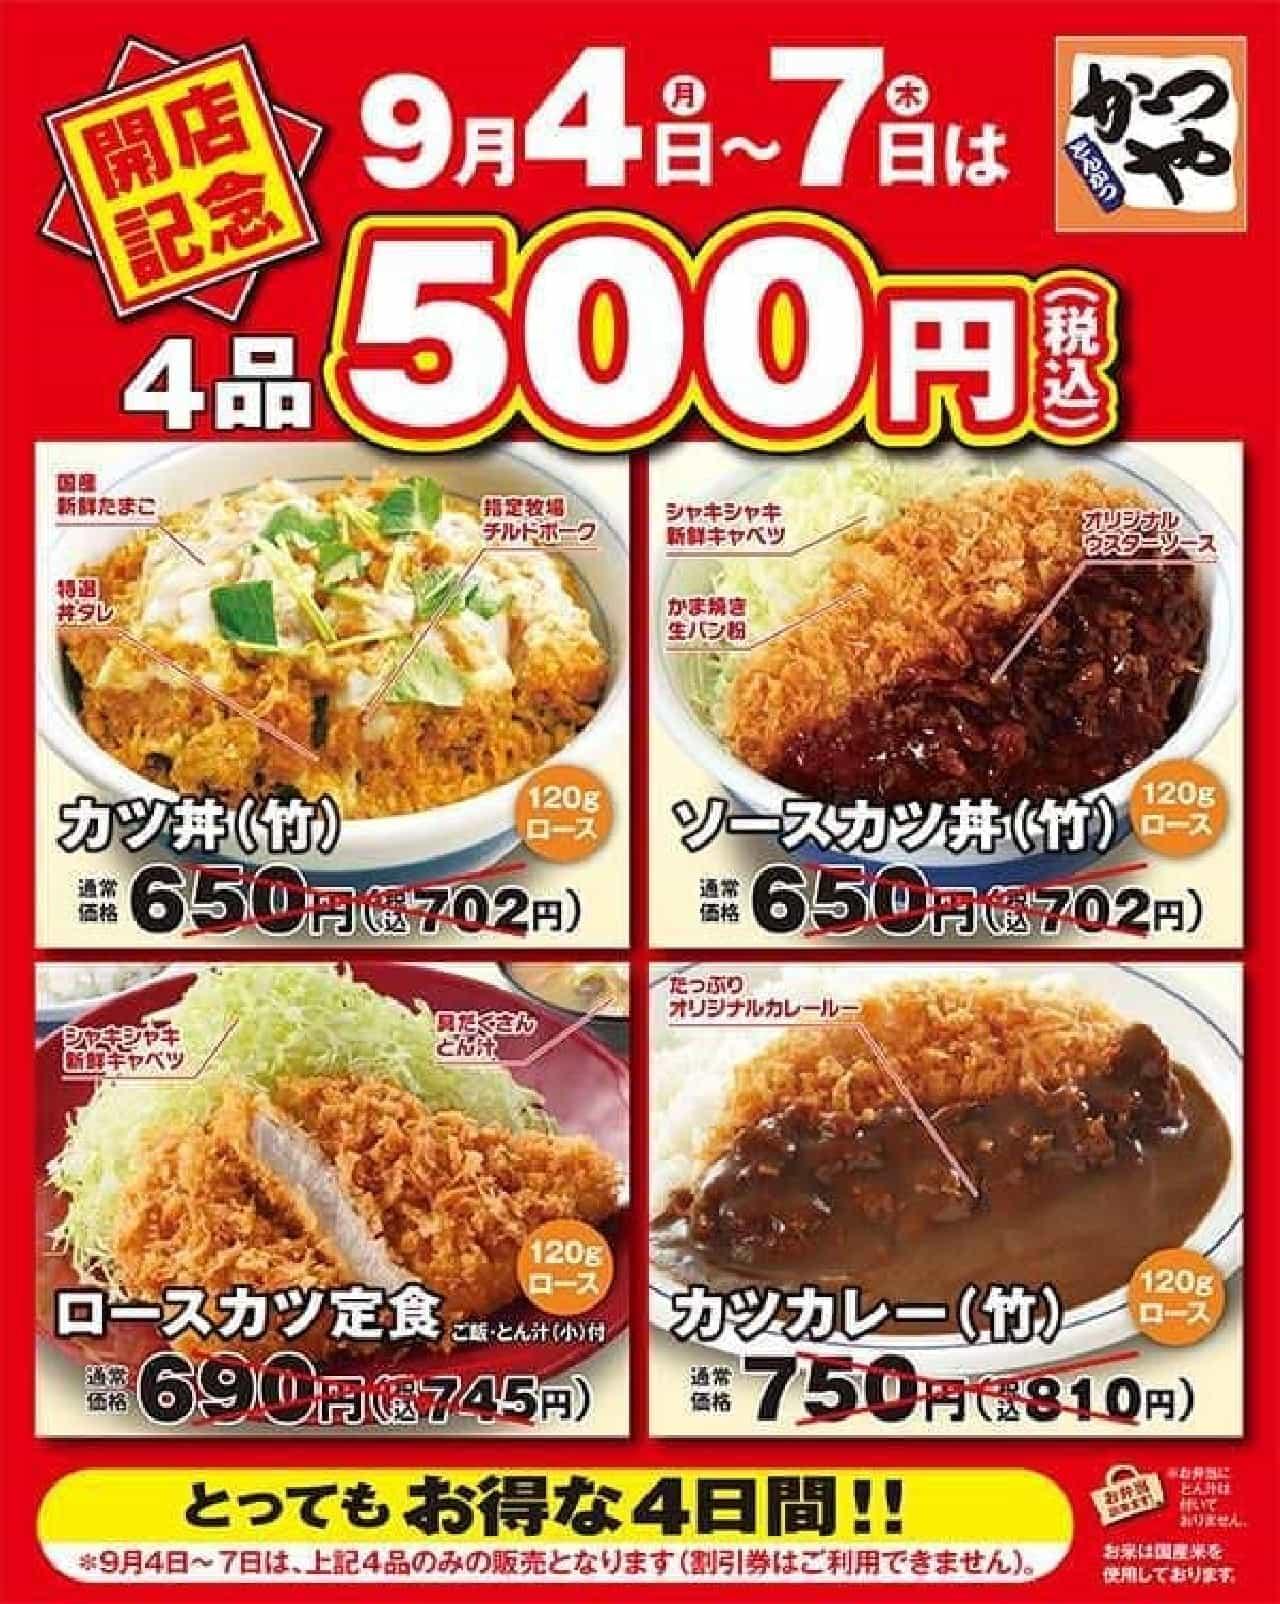 かつや五反田東口店 9月4日オープン